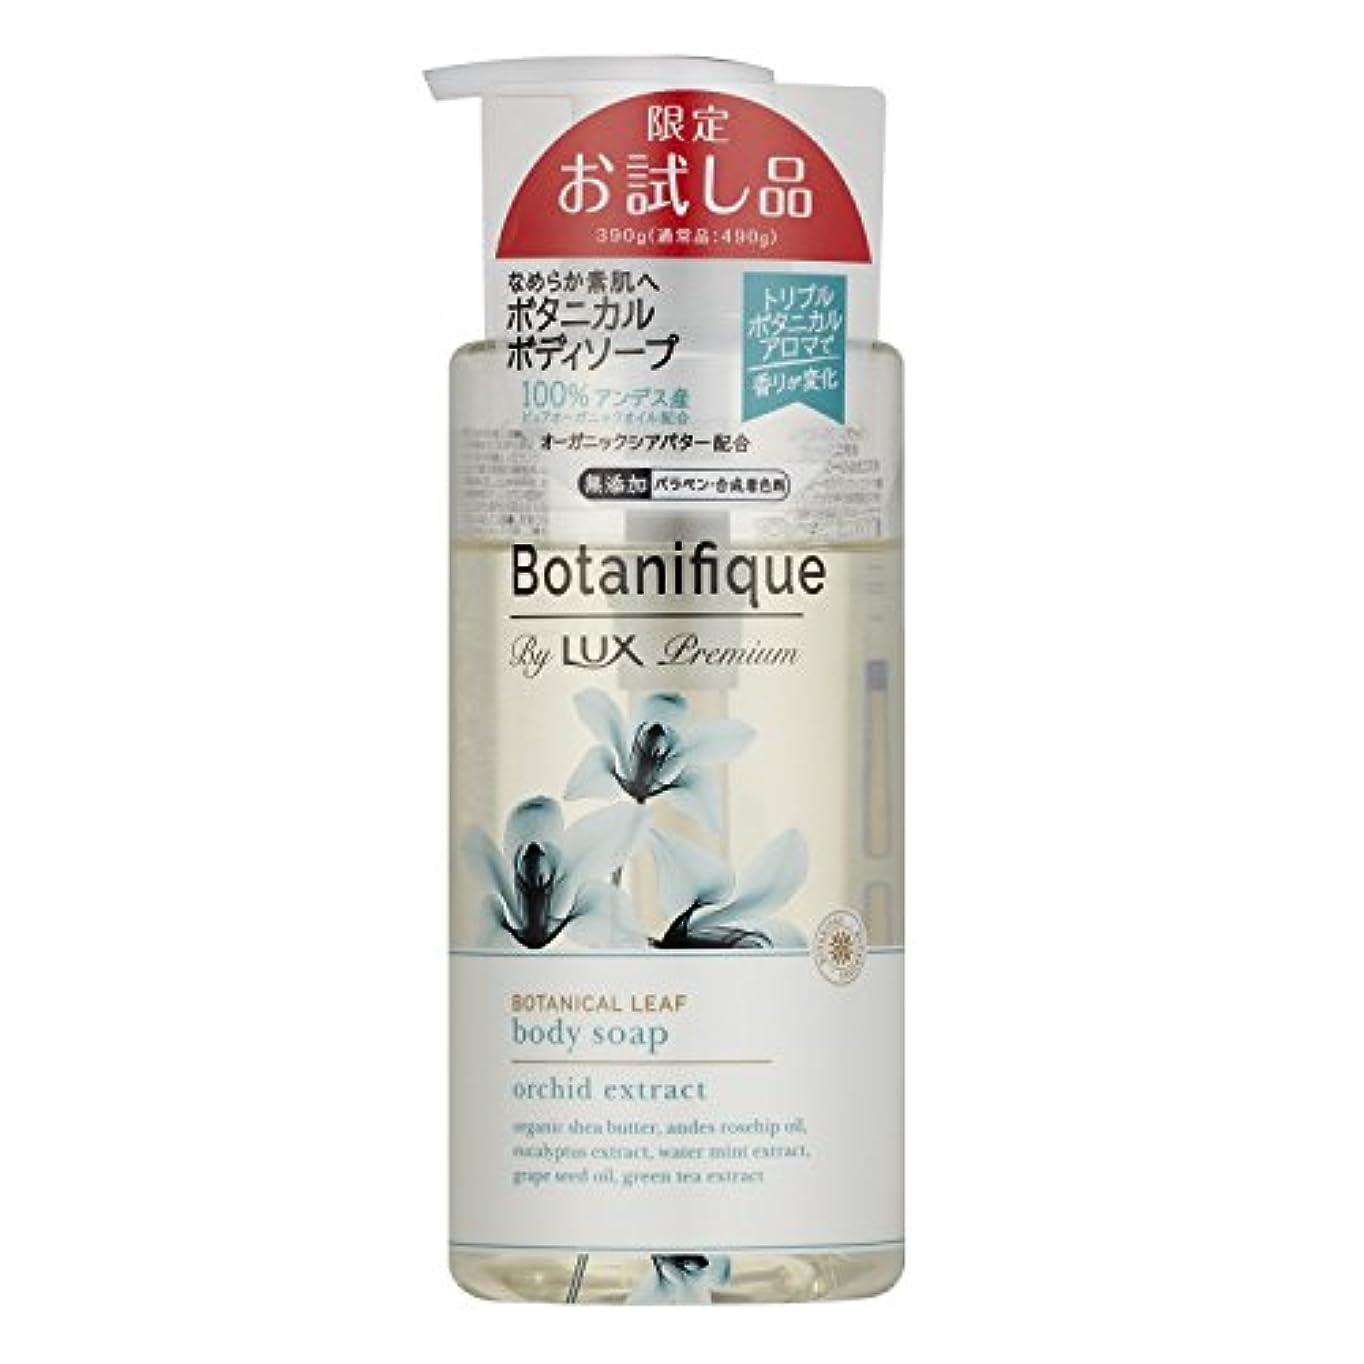 ママ忙しい応じるラックス プレミアム ボタニフィーク ボタニカルリーフ ボディソープ ポンプ(ボタニカルリーフの香り) お試し品 390g